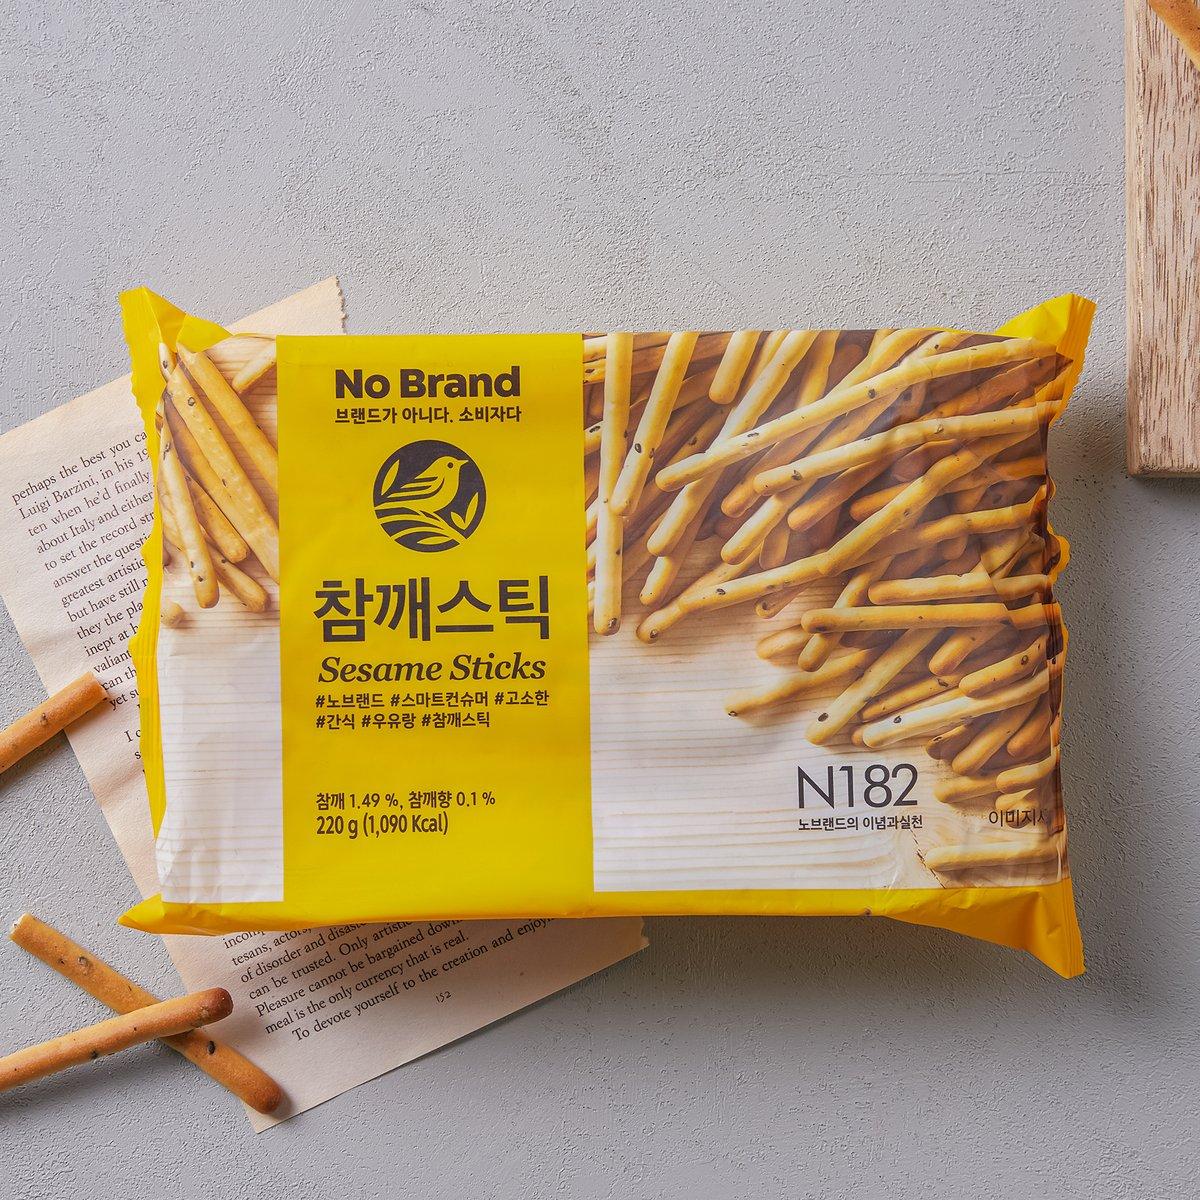 韓國 No Brand 芝麻味脆條餅乾 220g (2包優惠價)